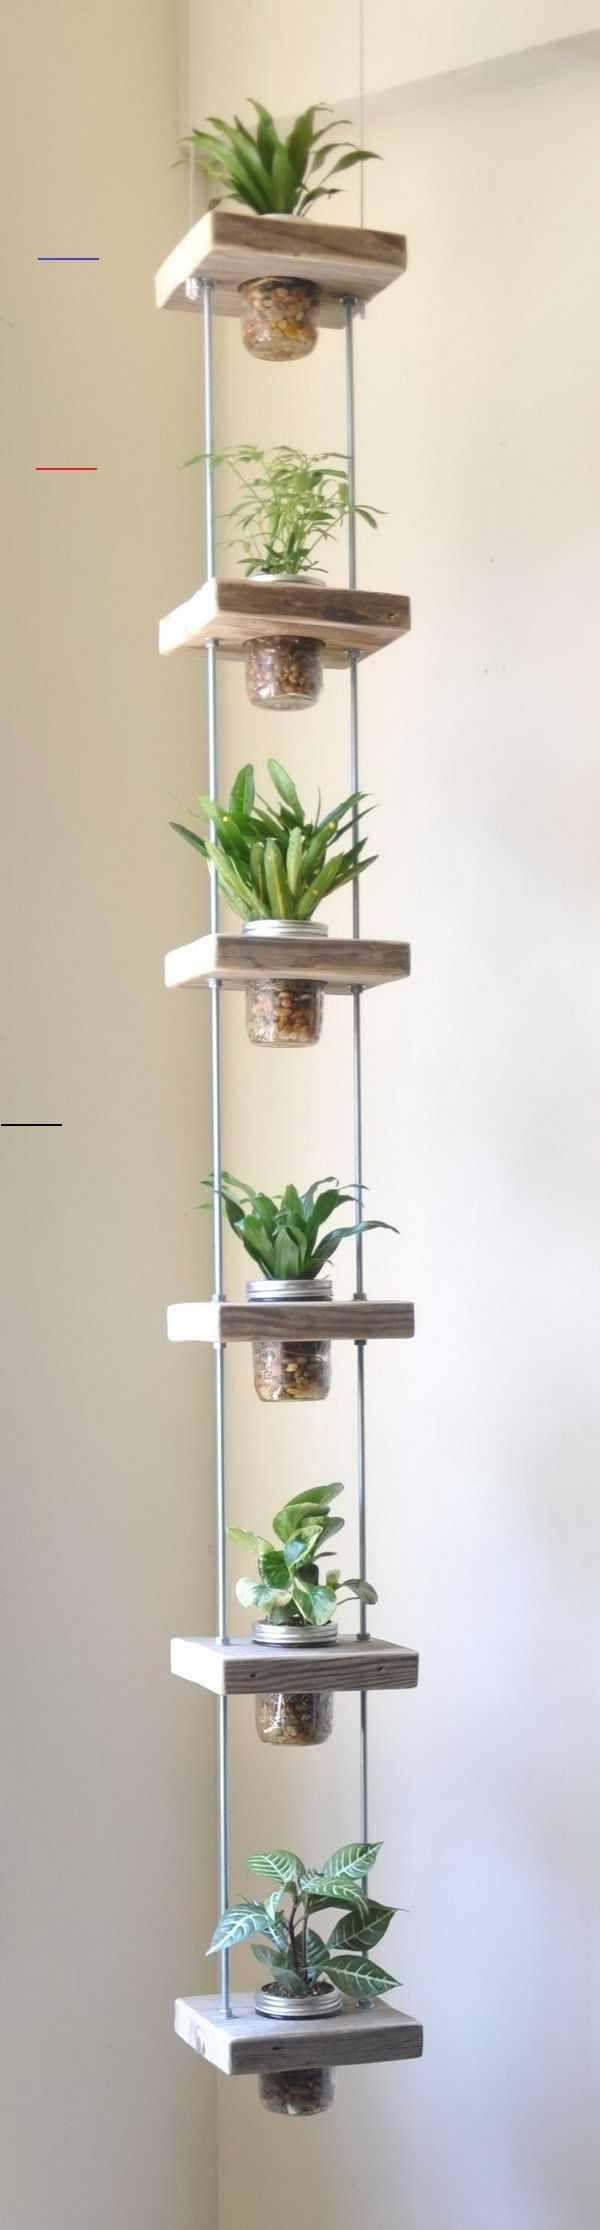 Top 10 Favorite Ikea Kitchen Hacks : vertical herb garden ...